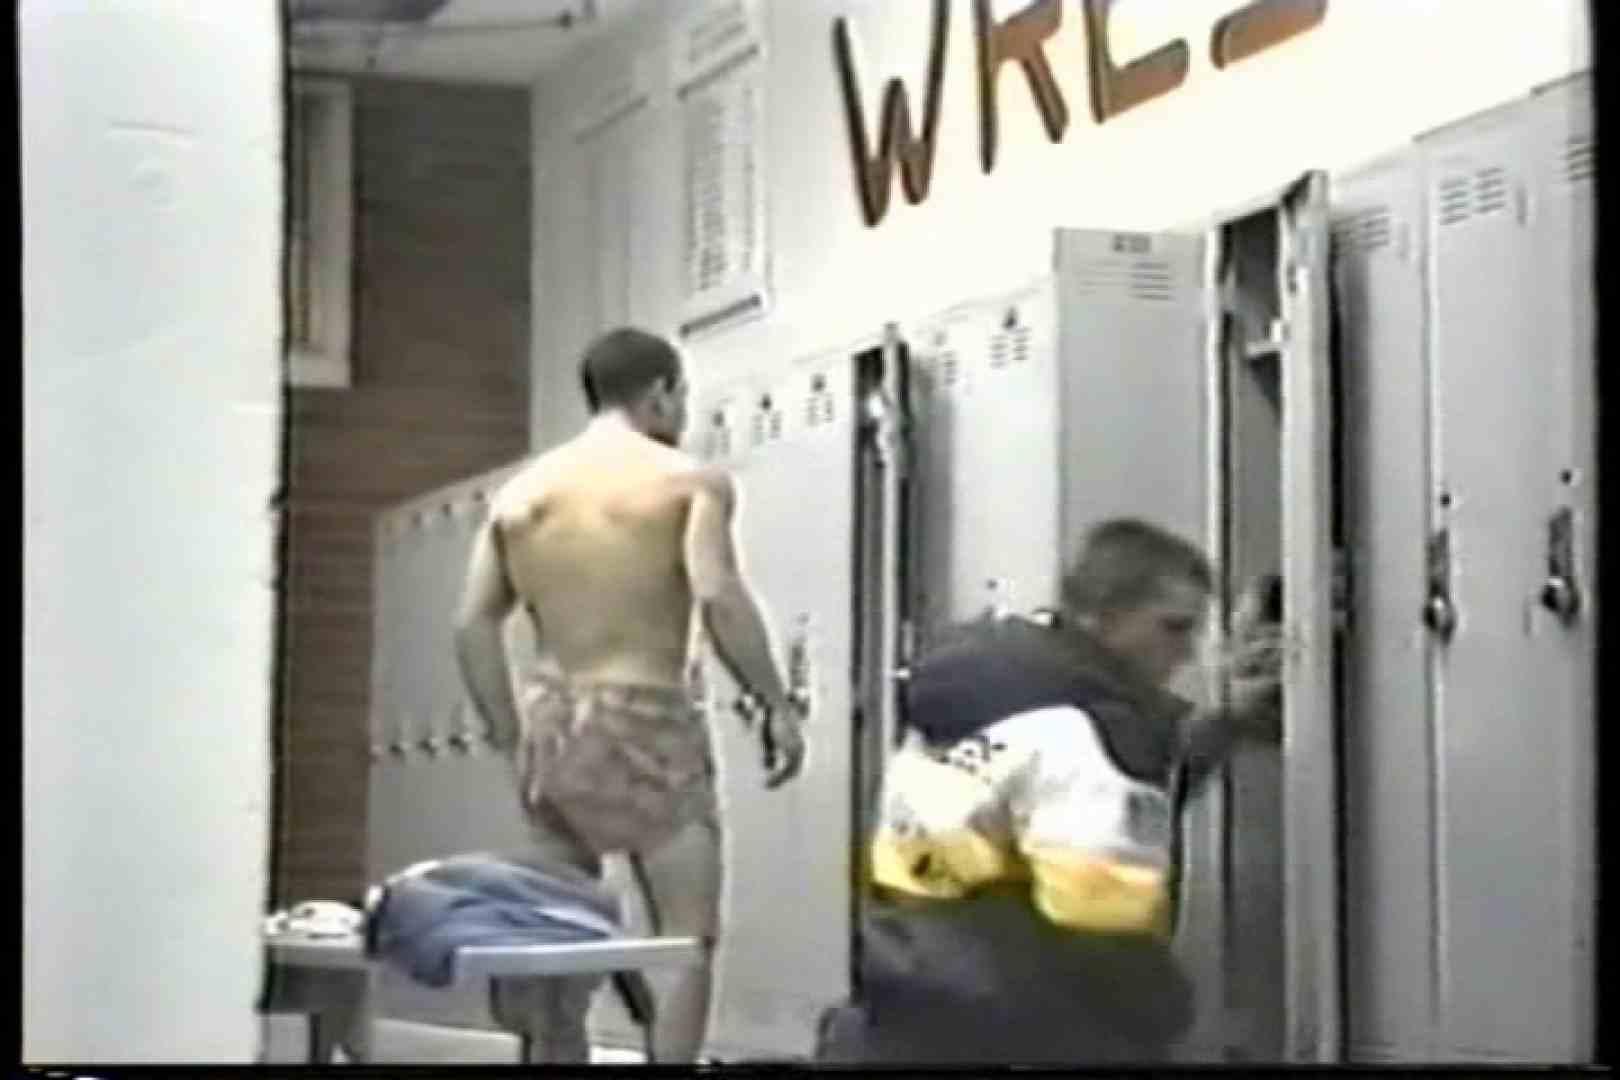 洋人さんの脱衣所を覗いてみました。VOL.1 完全無修正でお届け | ノンケボーイズ  66pic 62